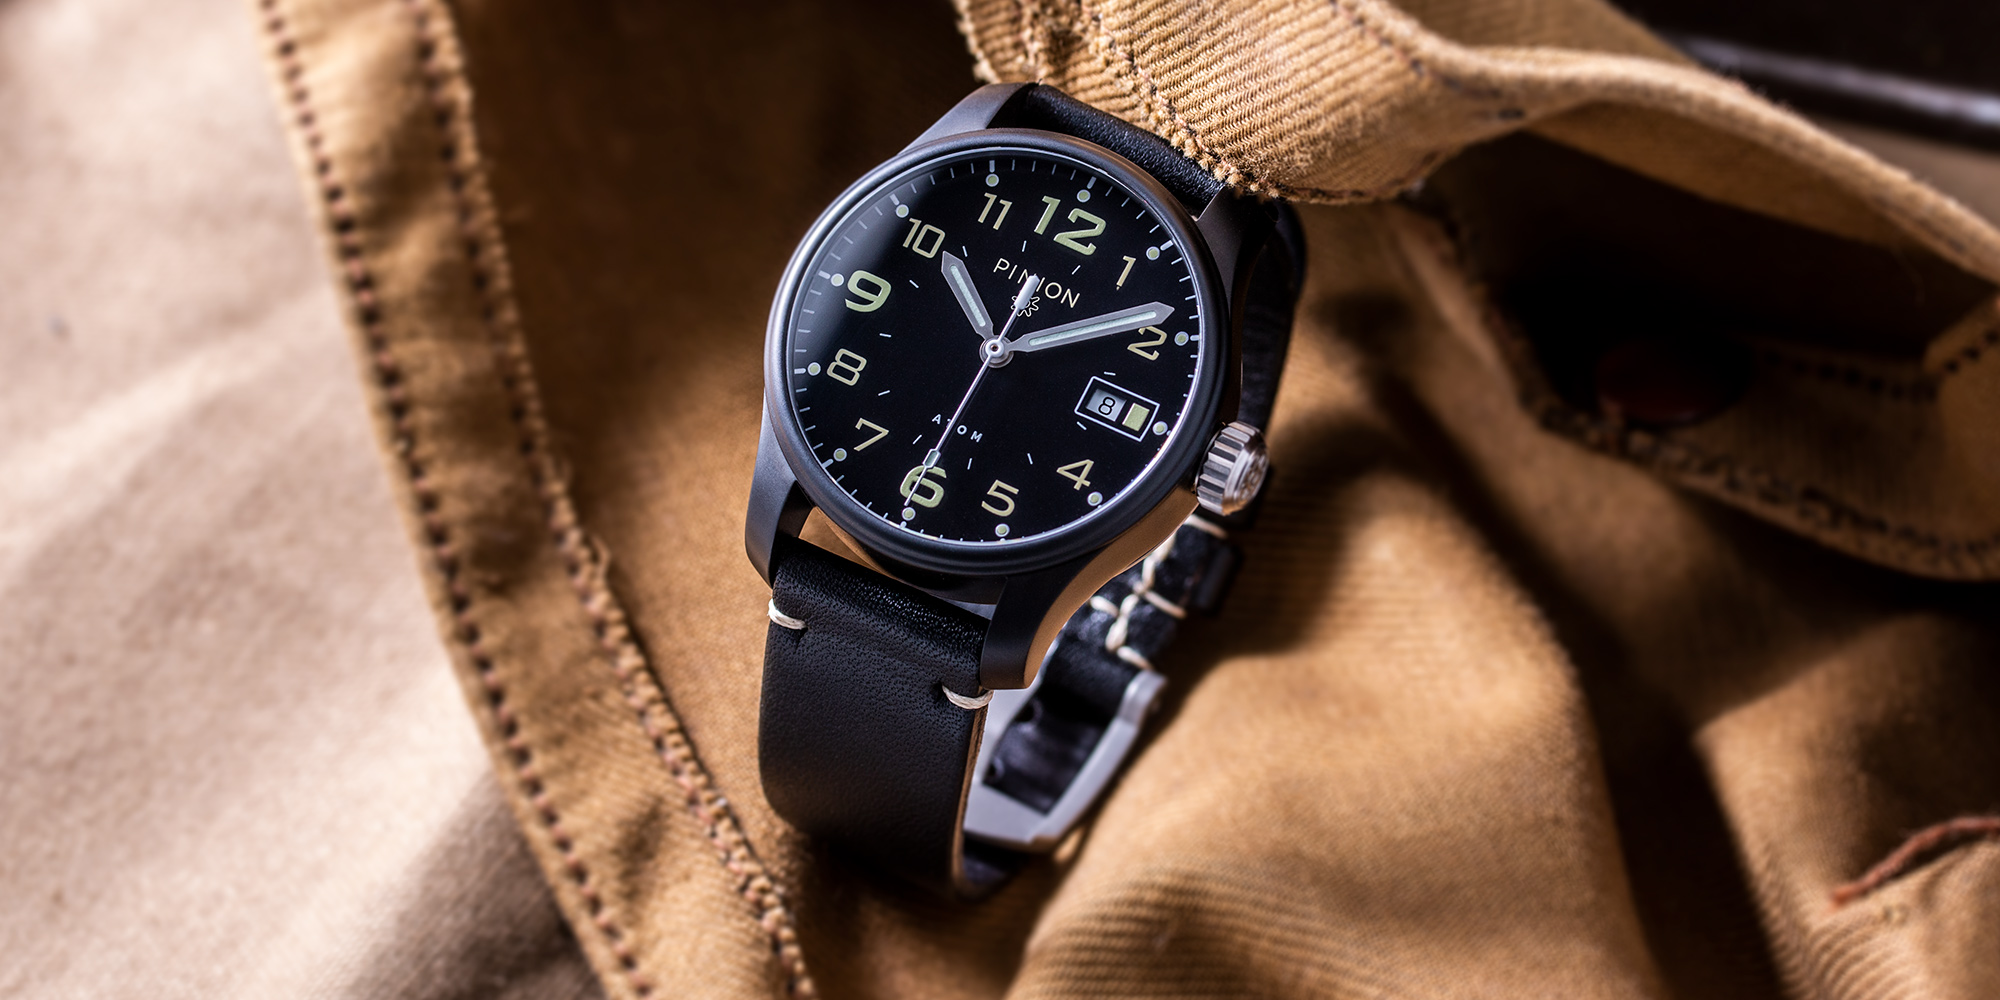 british-watches-pinion-atom-39mm-bk-black-dlc-watch-002-